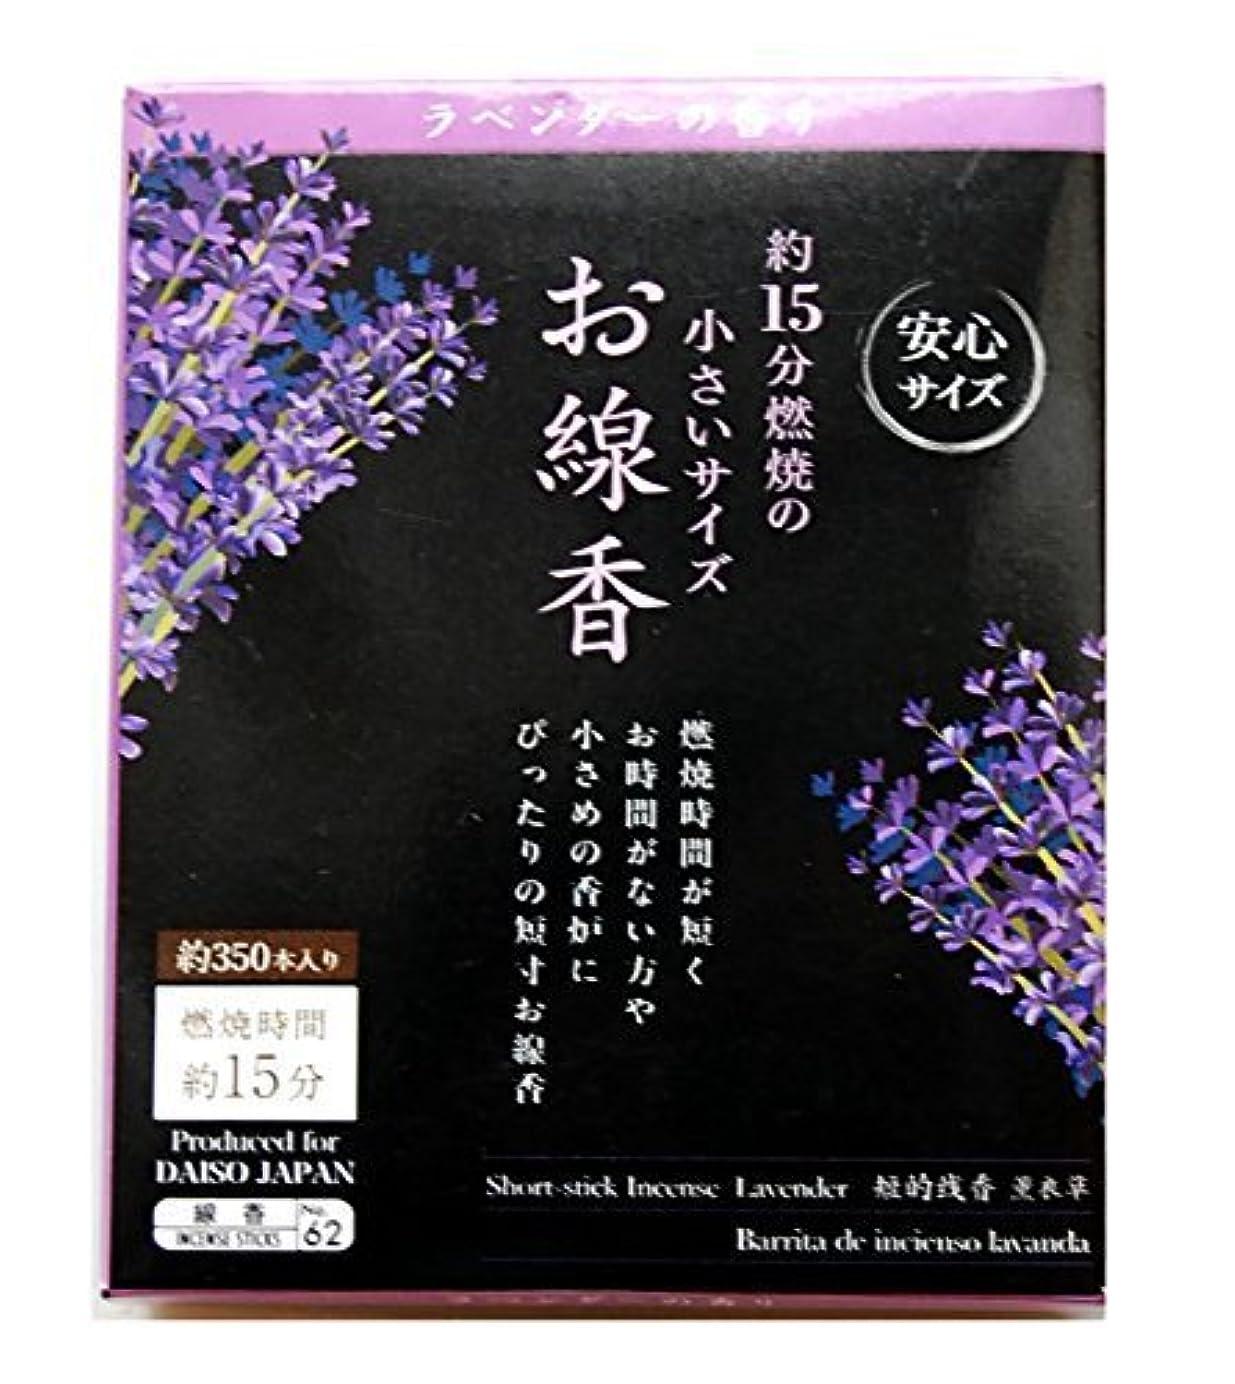 呼びかける緊張知覚的Daiso Senko Japaneseお香ラベンダーショートスティック9 cm-15min / 350 sticks